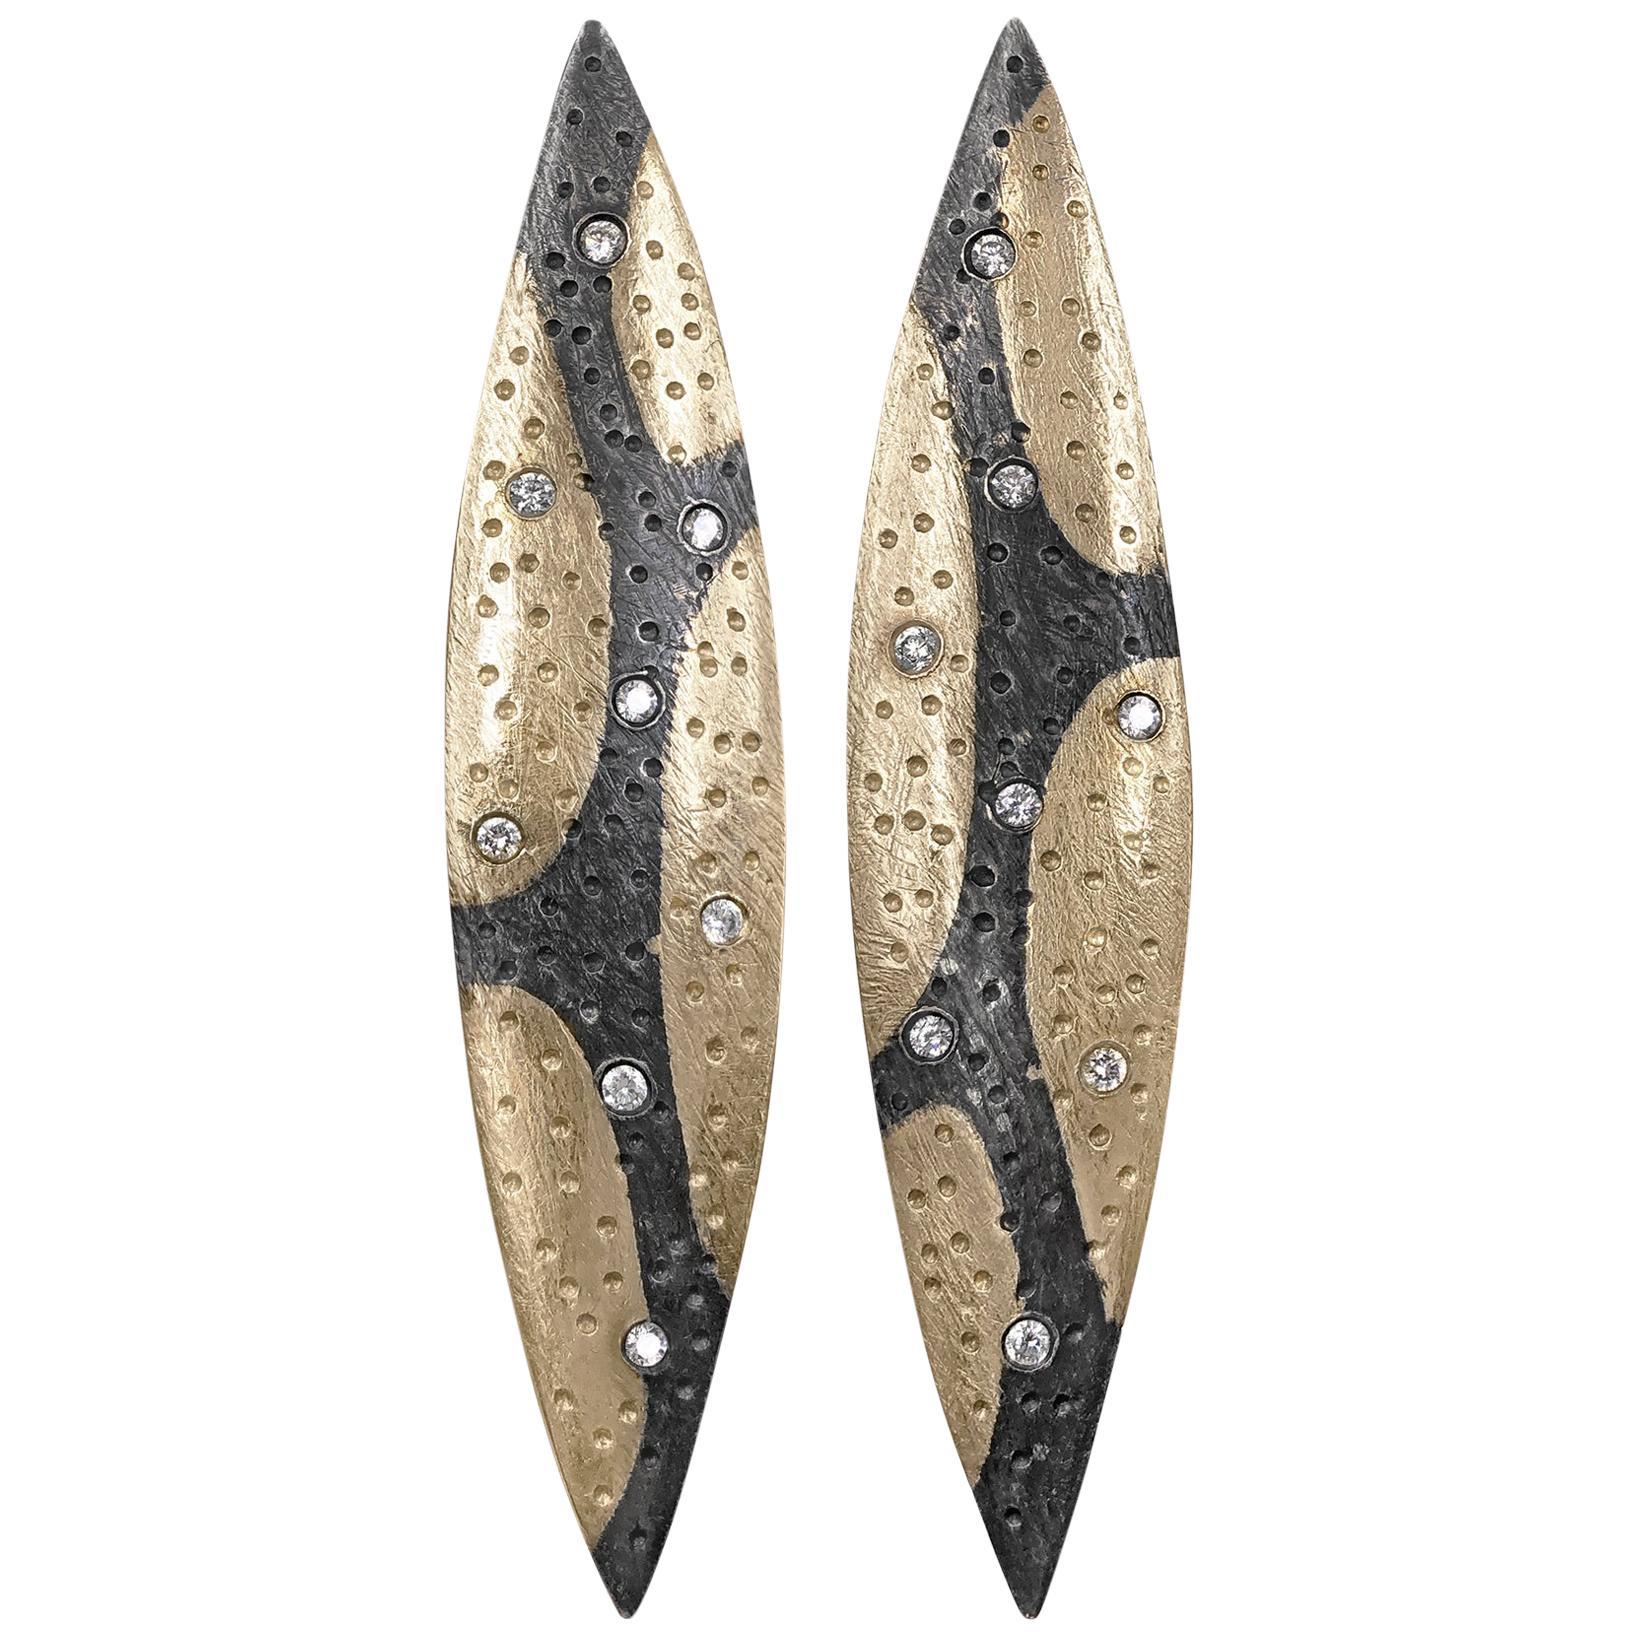 Pedro Boregaard White Diamond Camouflage Gold Oxidized Silver Earrings